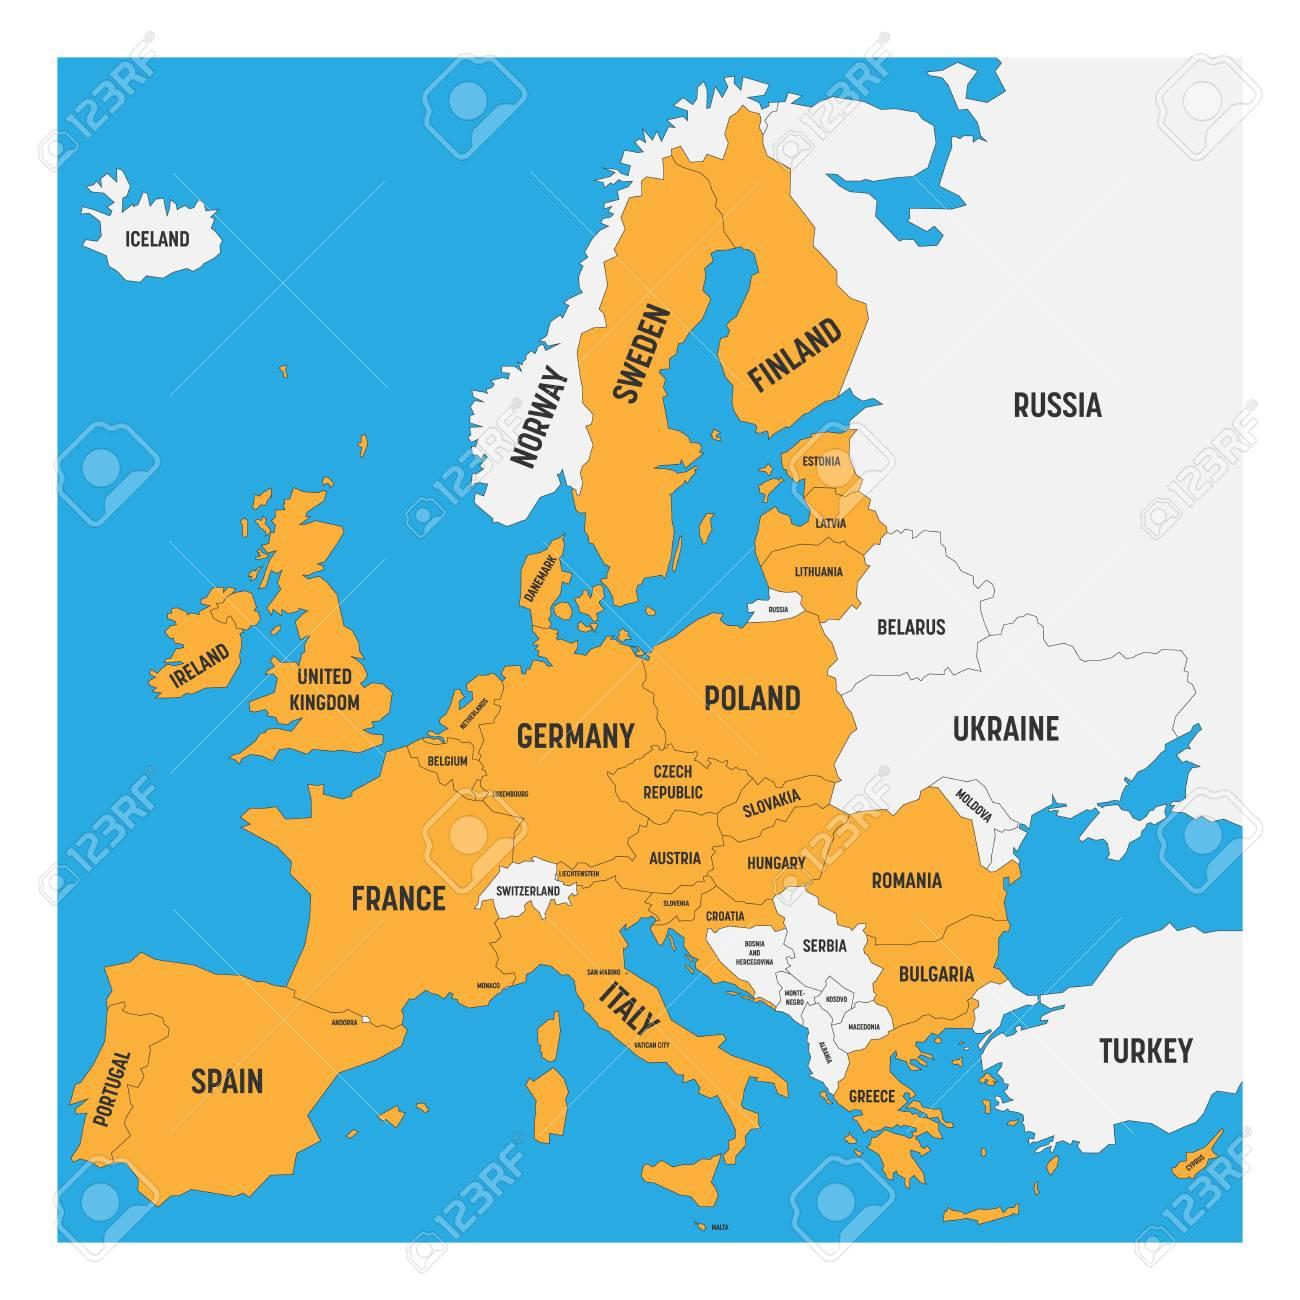 Carte Politique De L'europe Avec La Terre Blanche Et Le Jaune En  Surbrillance 28 Union Européenne, Ue, États Membres. Illustration  Vectorielle Plane tout Carte Union Européenne 28 Pays